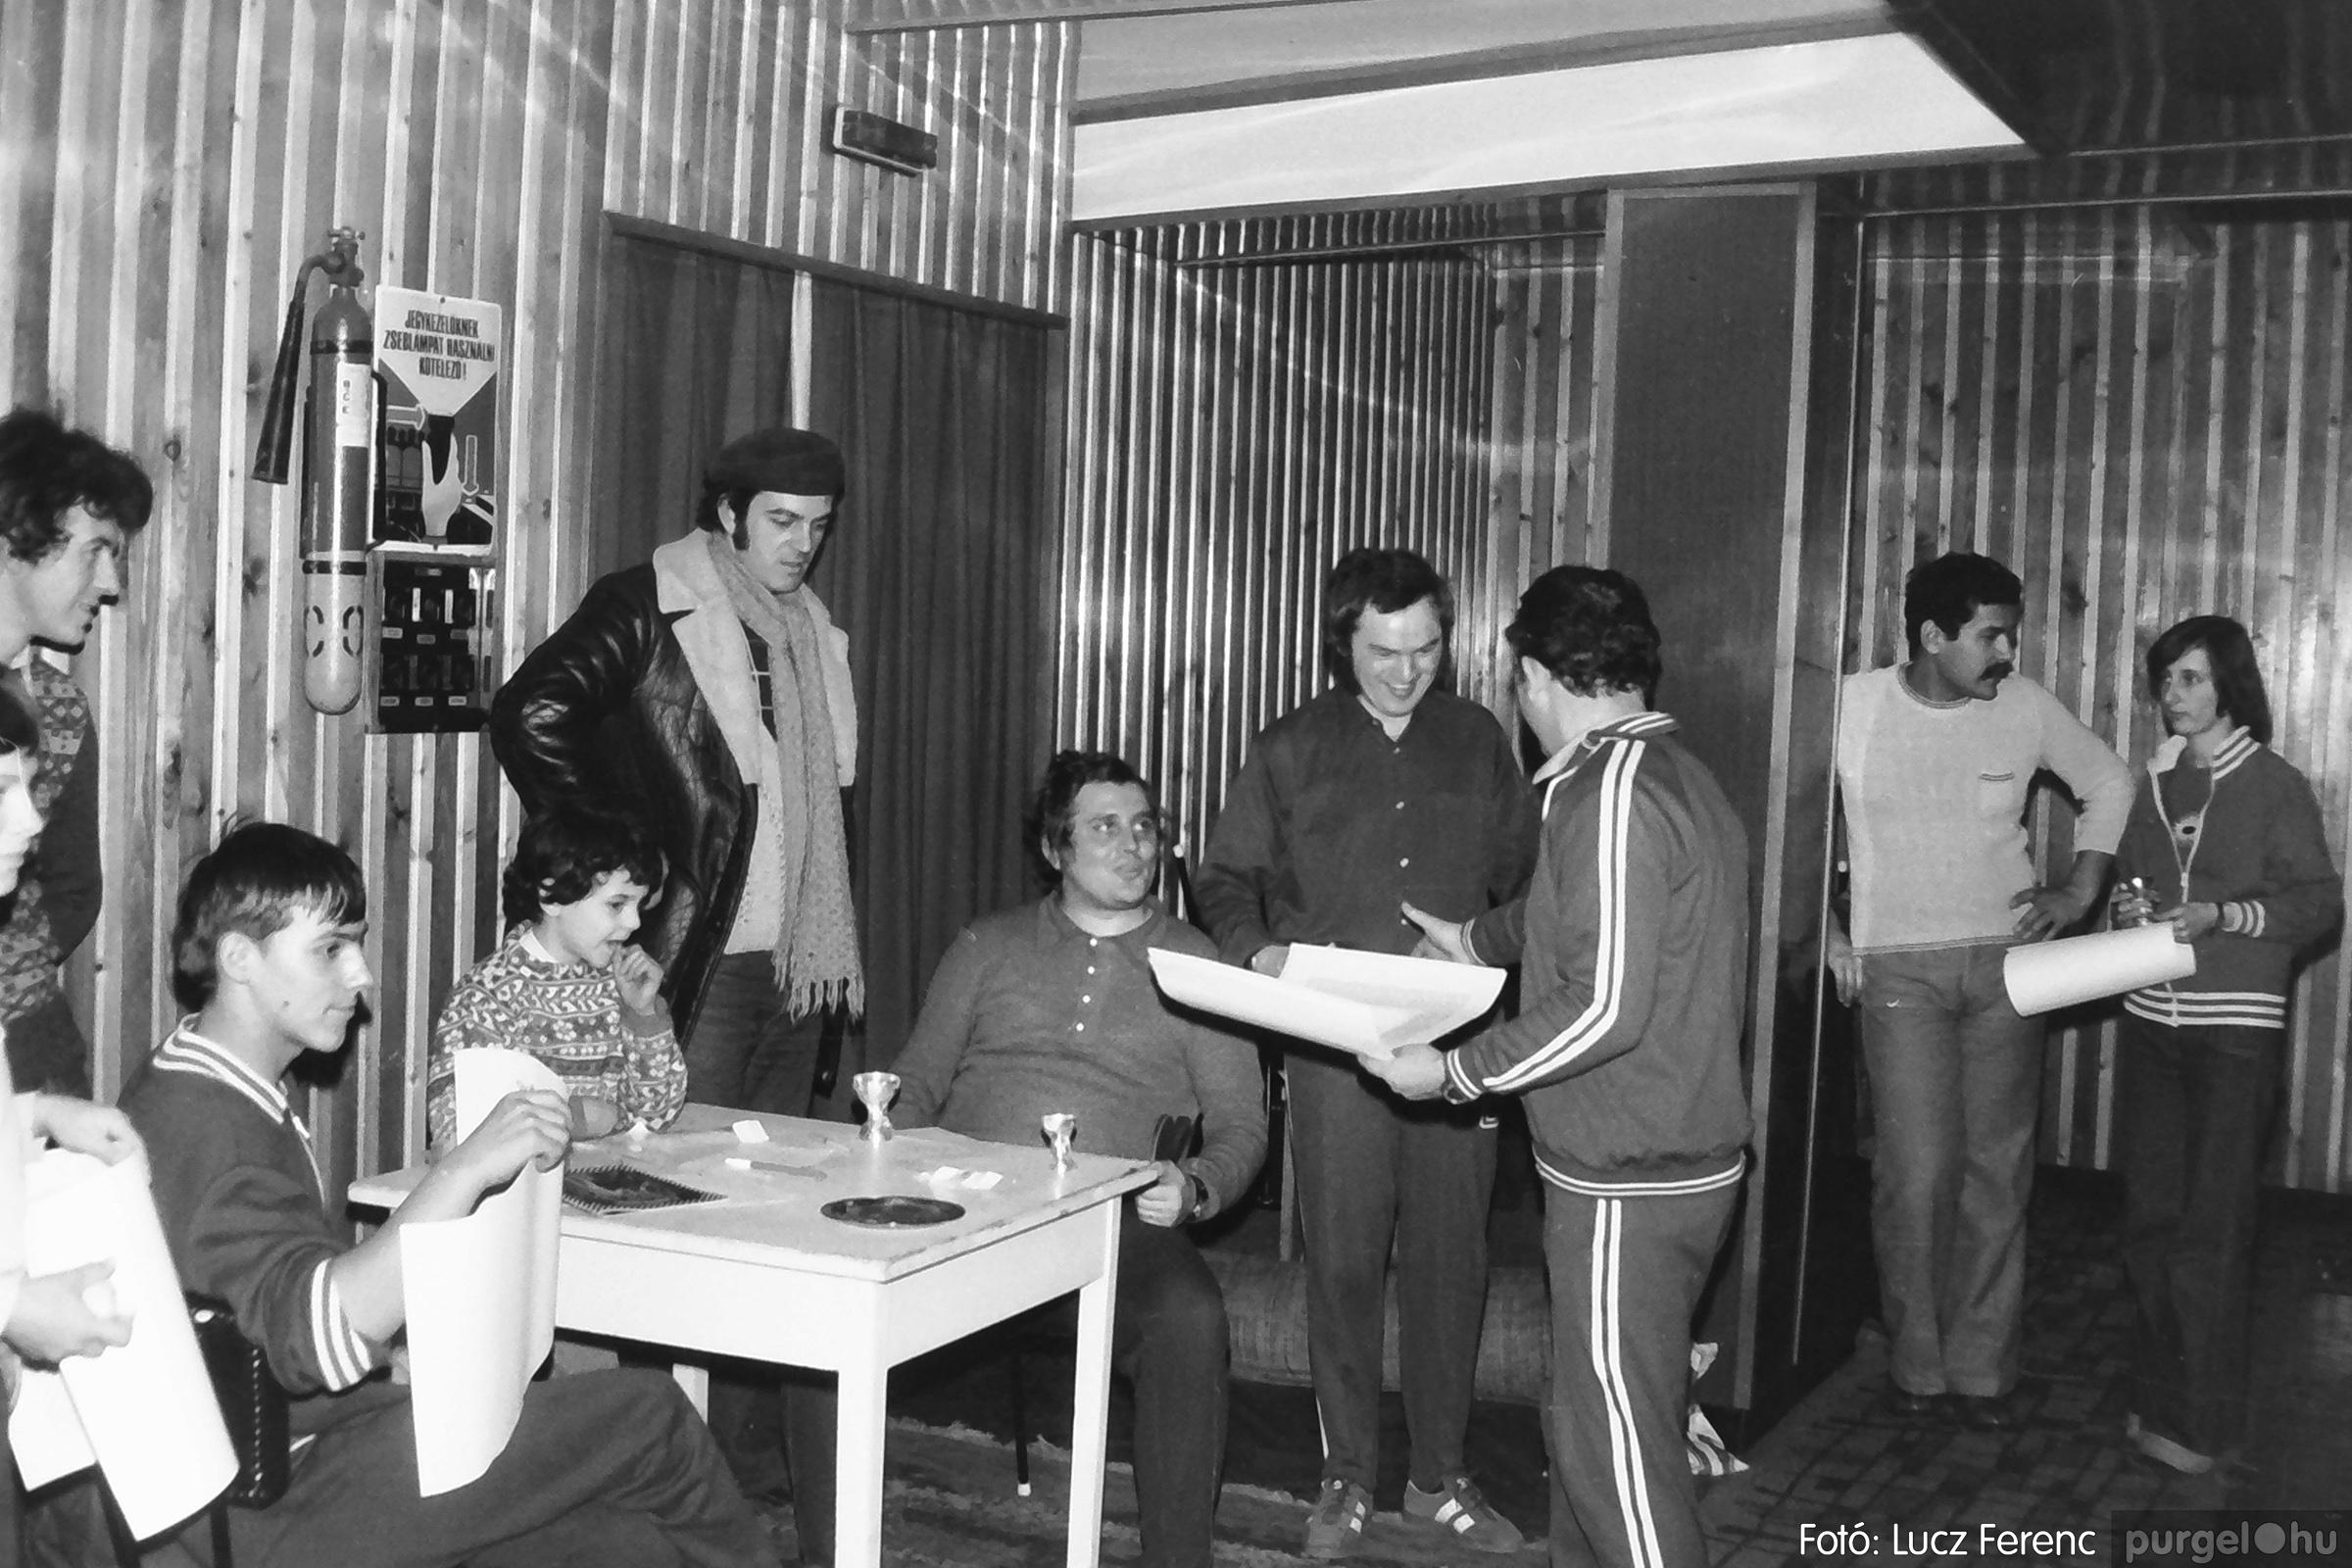 100. 1978. Asztaltenisz verseny 011. - Fotó: Lucz Ferenc.jpg